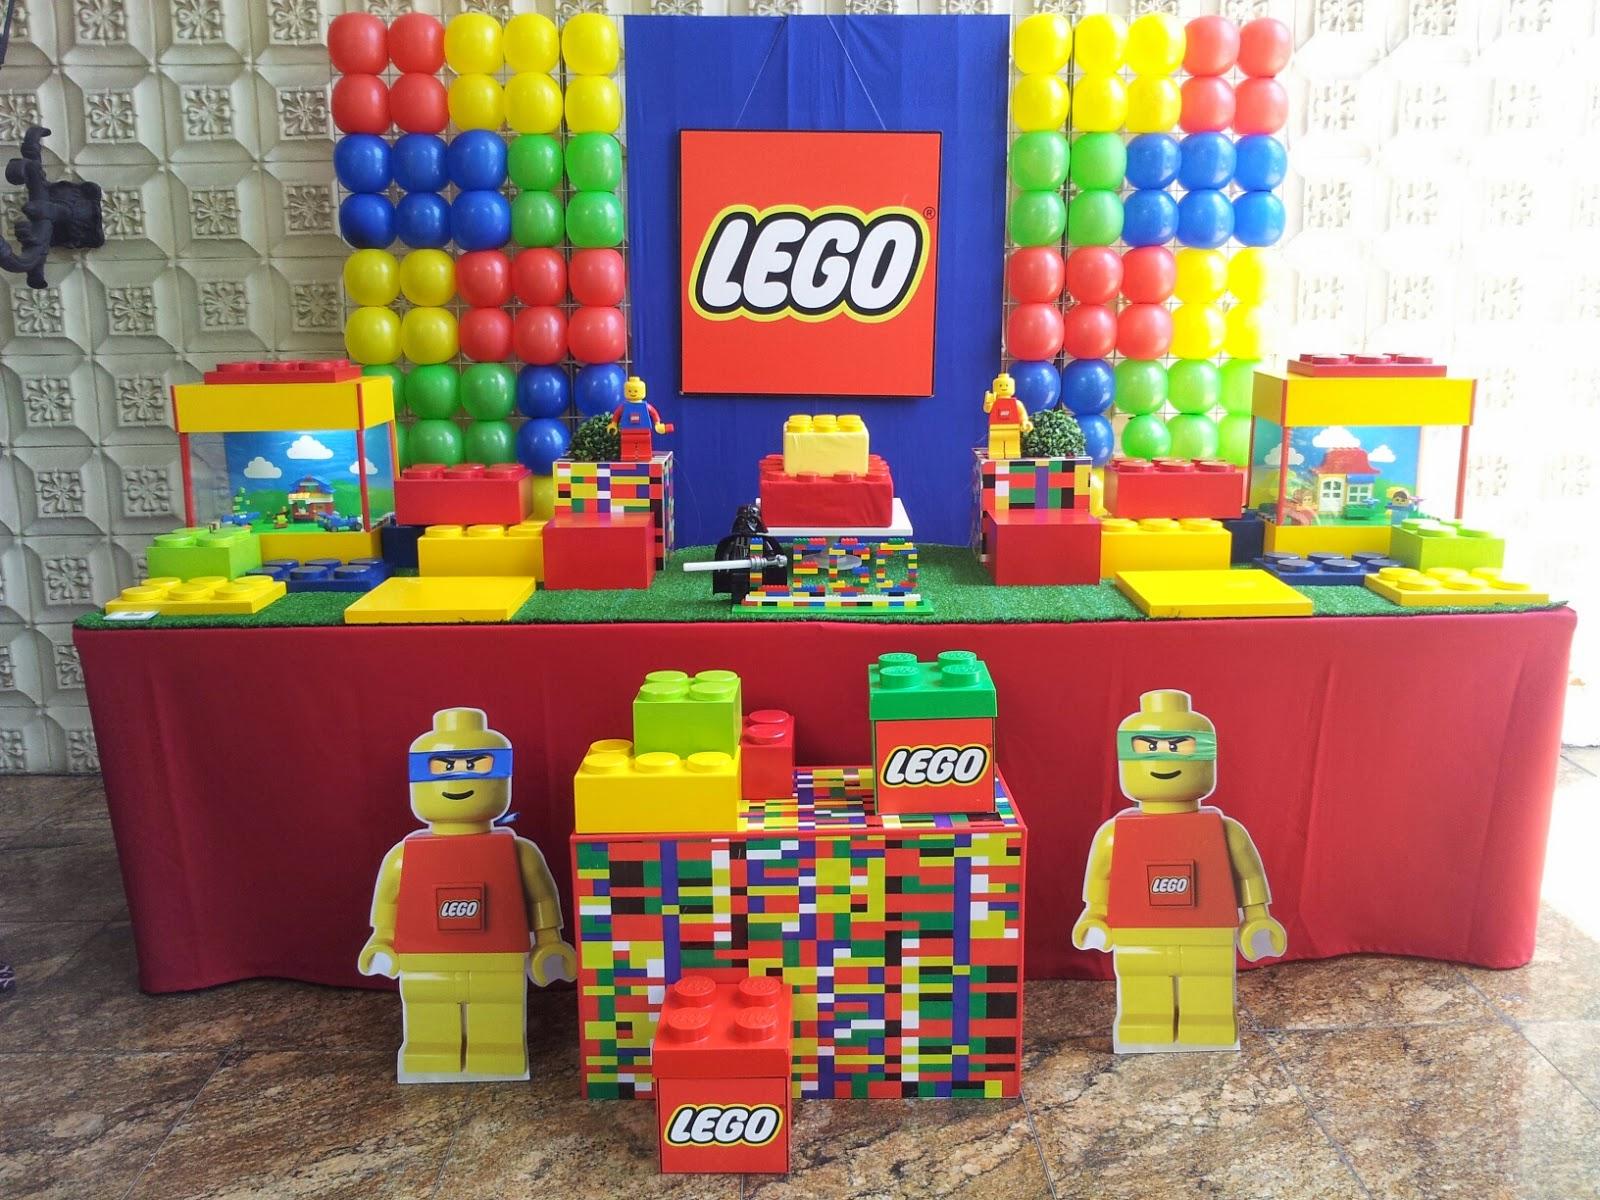 Farolita Decoração de Festas Infantis: LEGO - NOVO PAINEL DE BALÕES